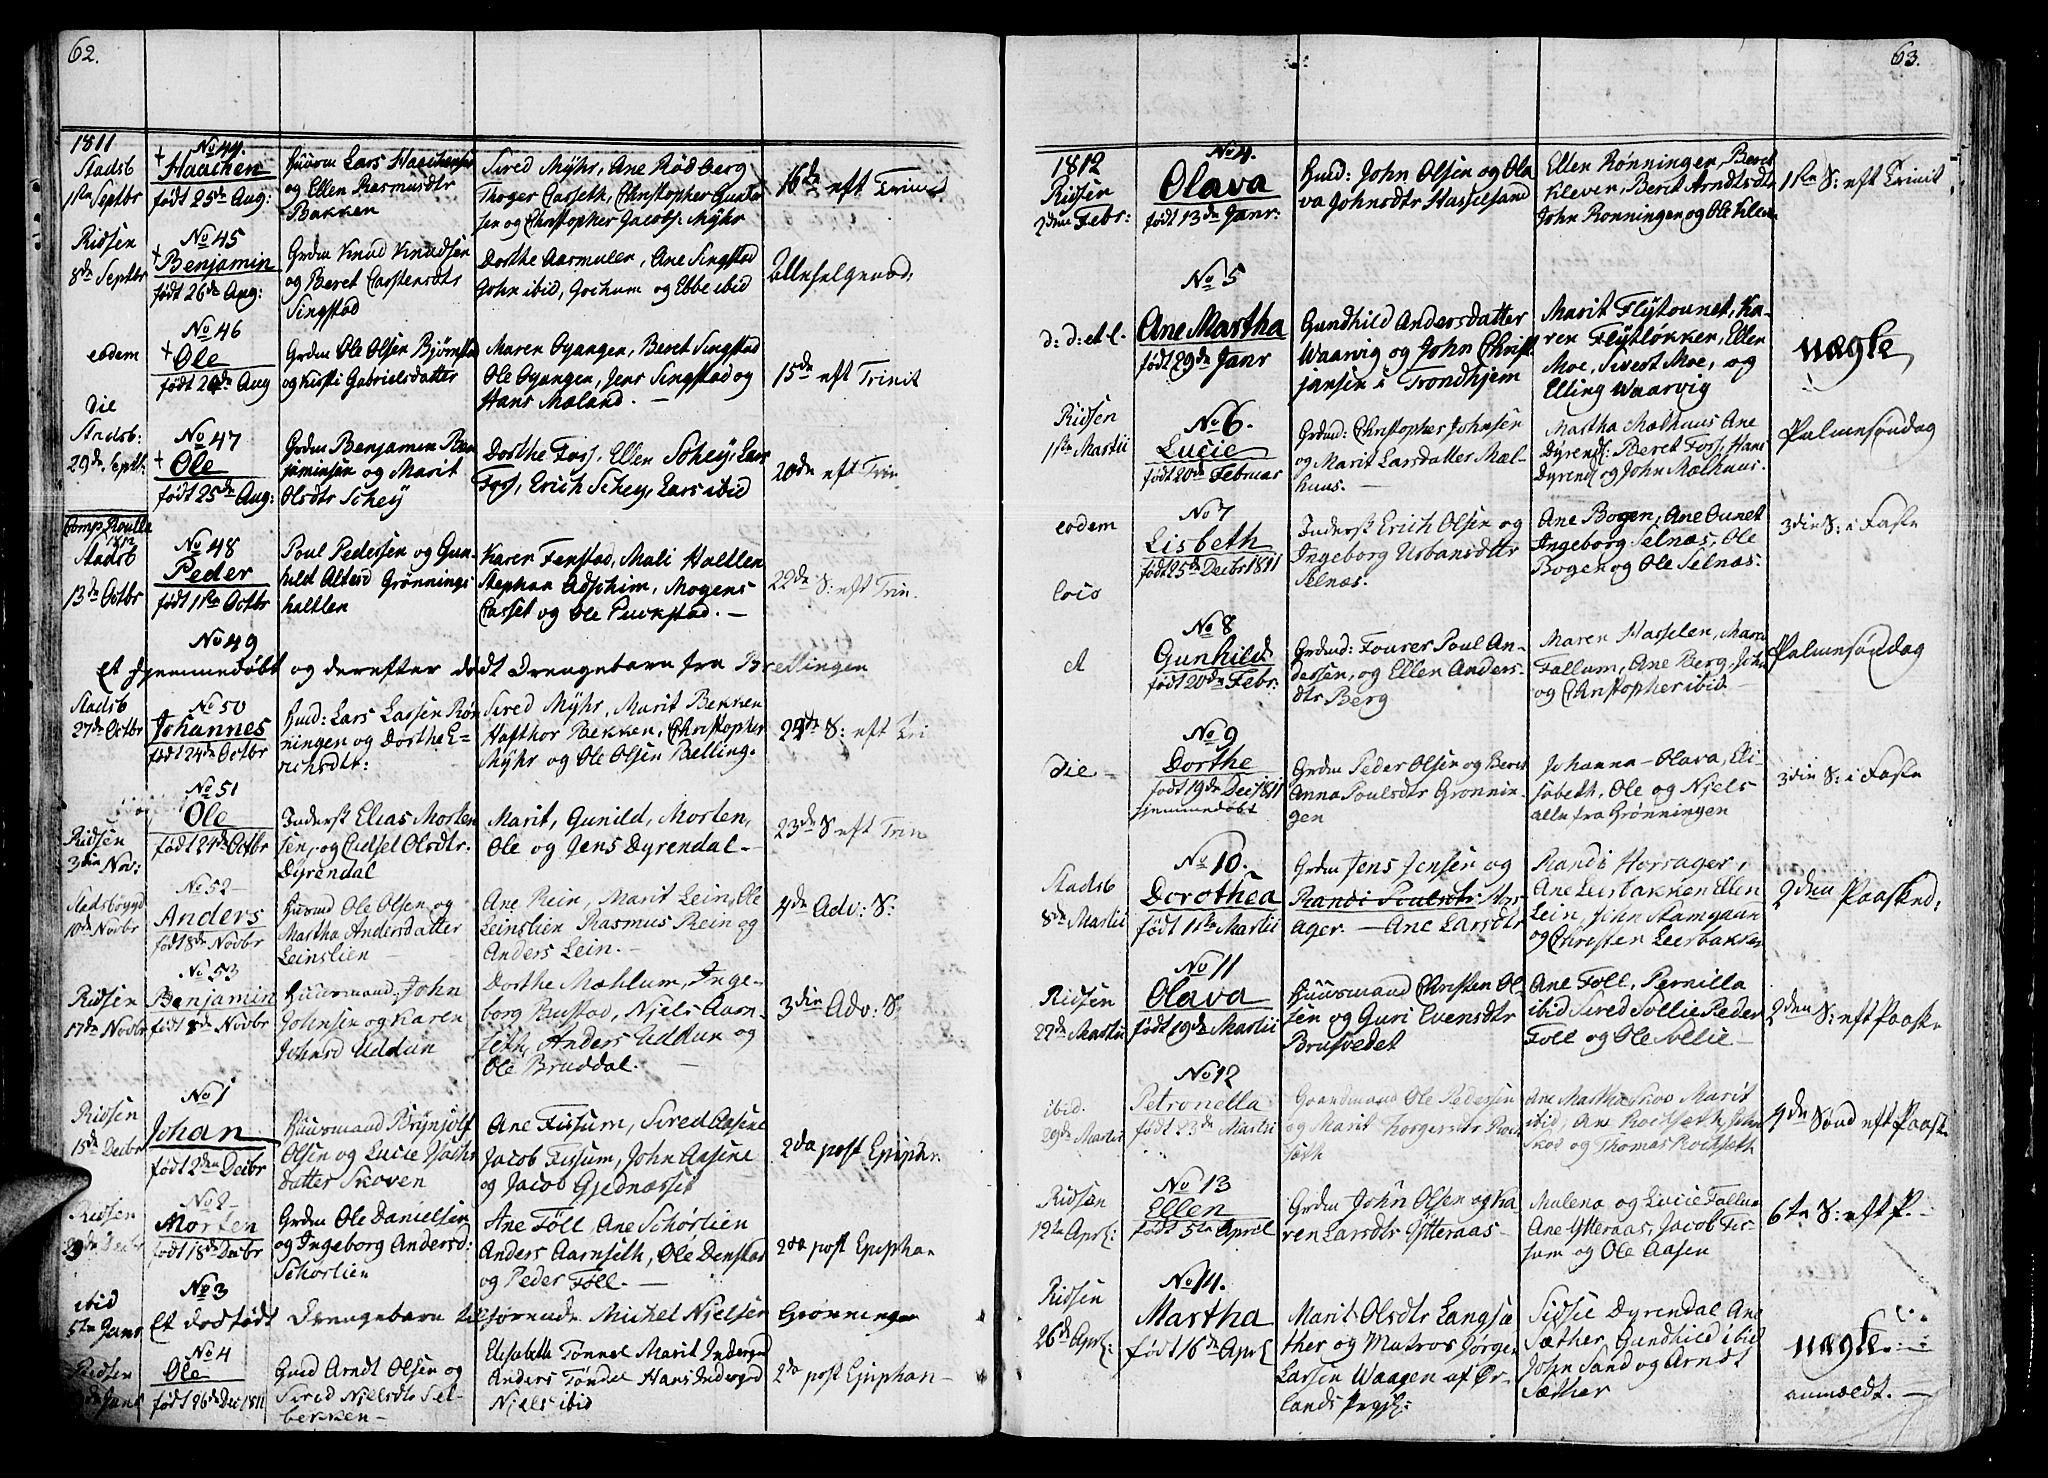 SAT, Ministerialprotokoller, klokkerbøker og fødselsregistre - Sør-Trøndelag, 646/L0607: Ministerialbok nr. 646A05, 1806-1815, s. 62-63